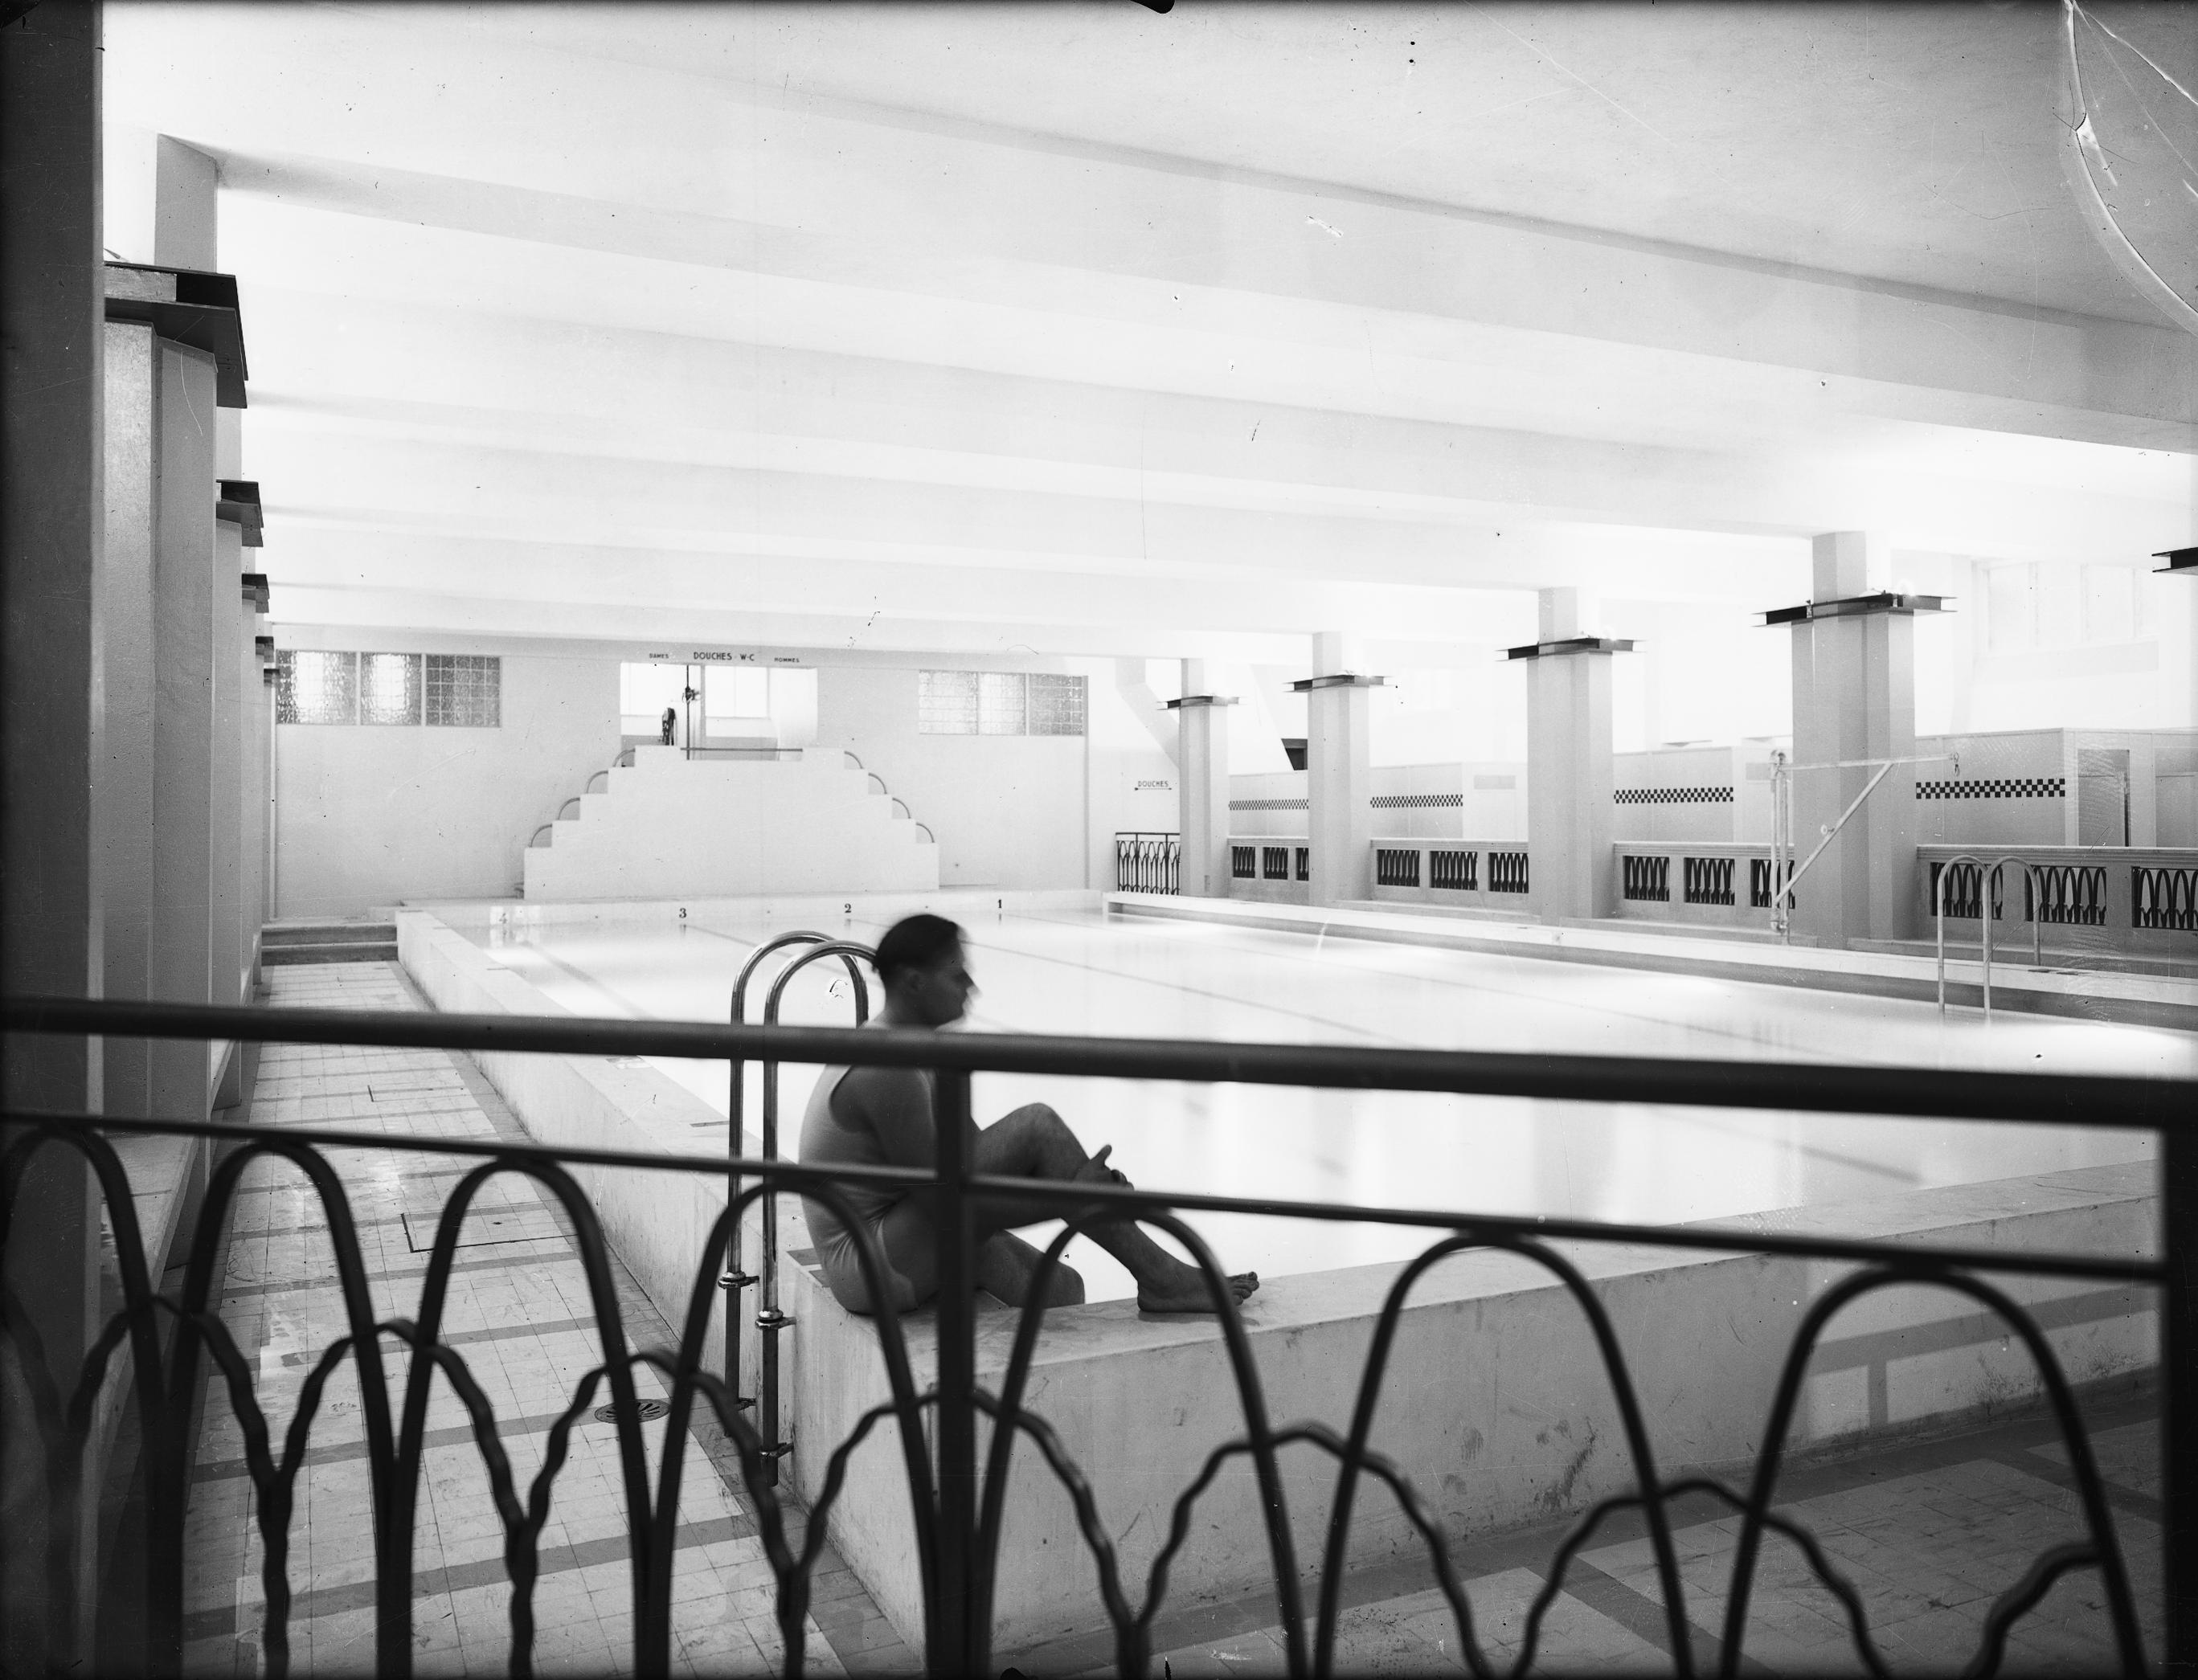 photographes en rh ne alpes le palais du travail villeurbanne un nageur au bord du bassin. Black Bedroom Furniture Sets. Home Design Ideas